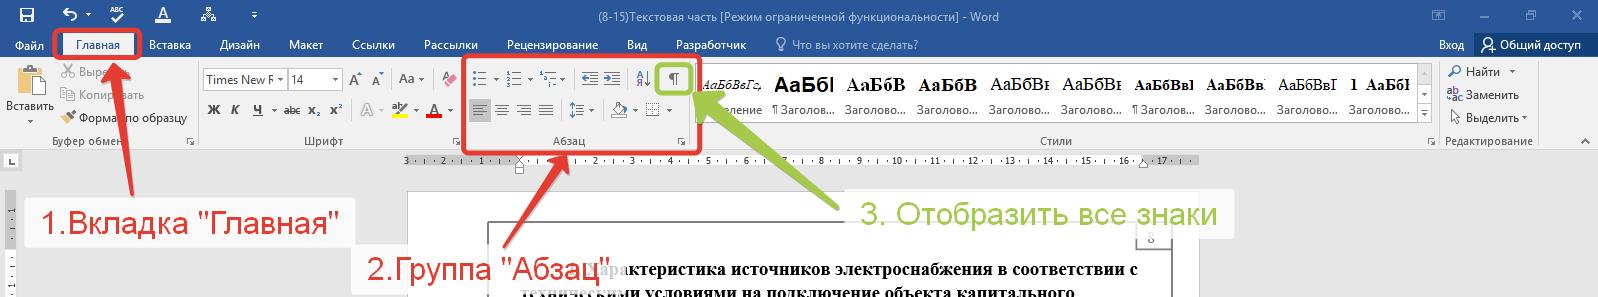 как отобразить все знаки форматирования